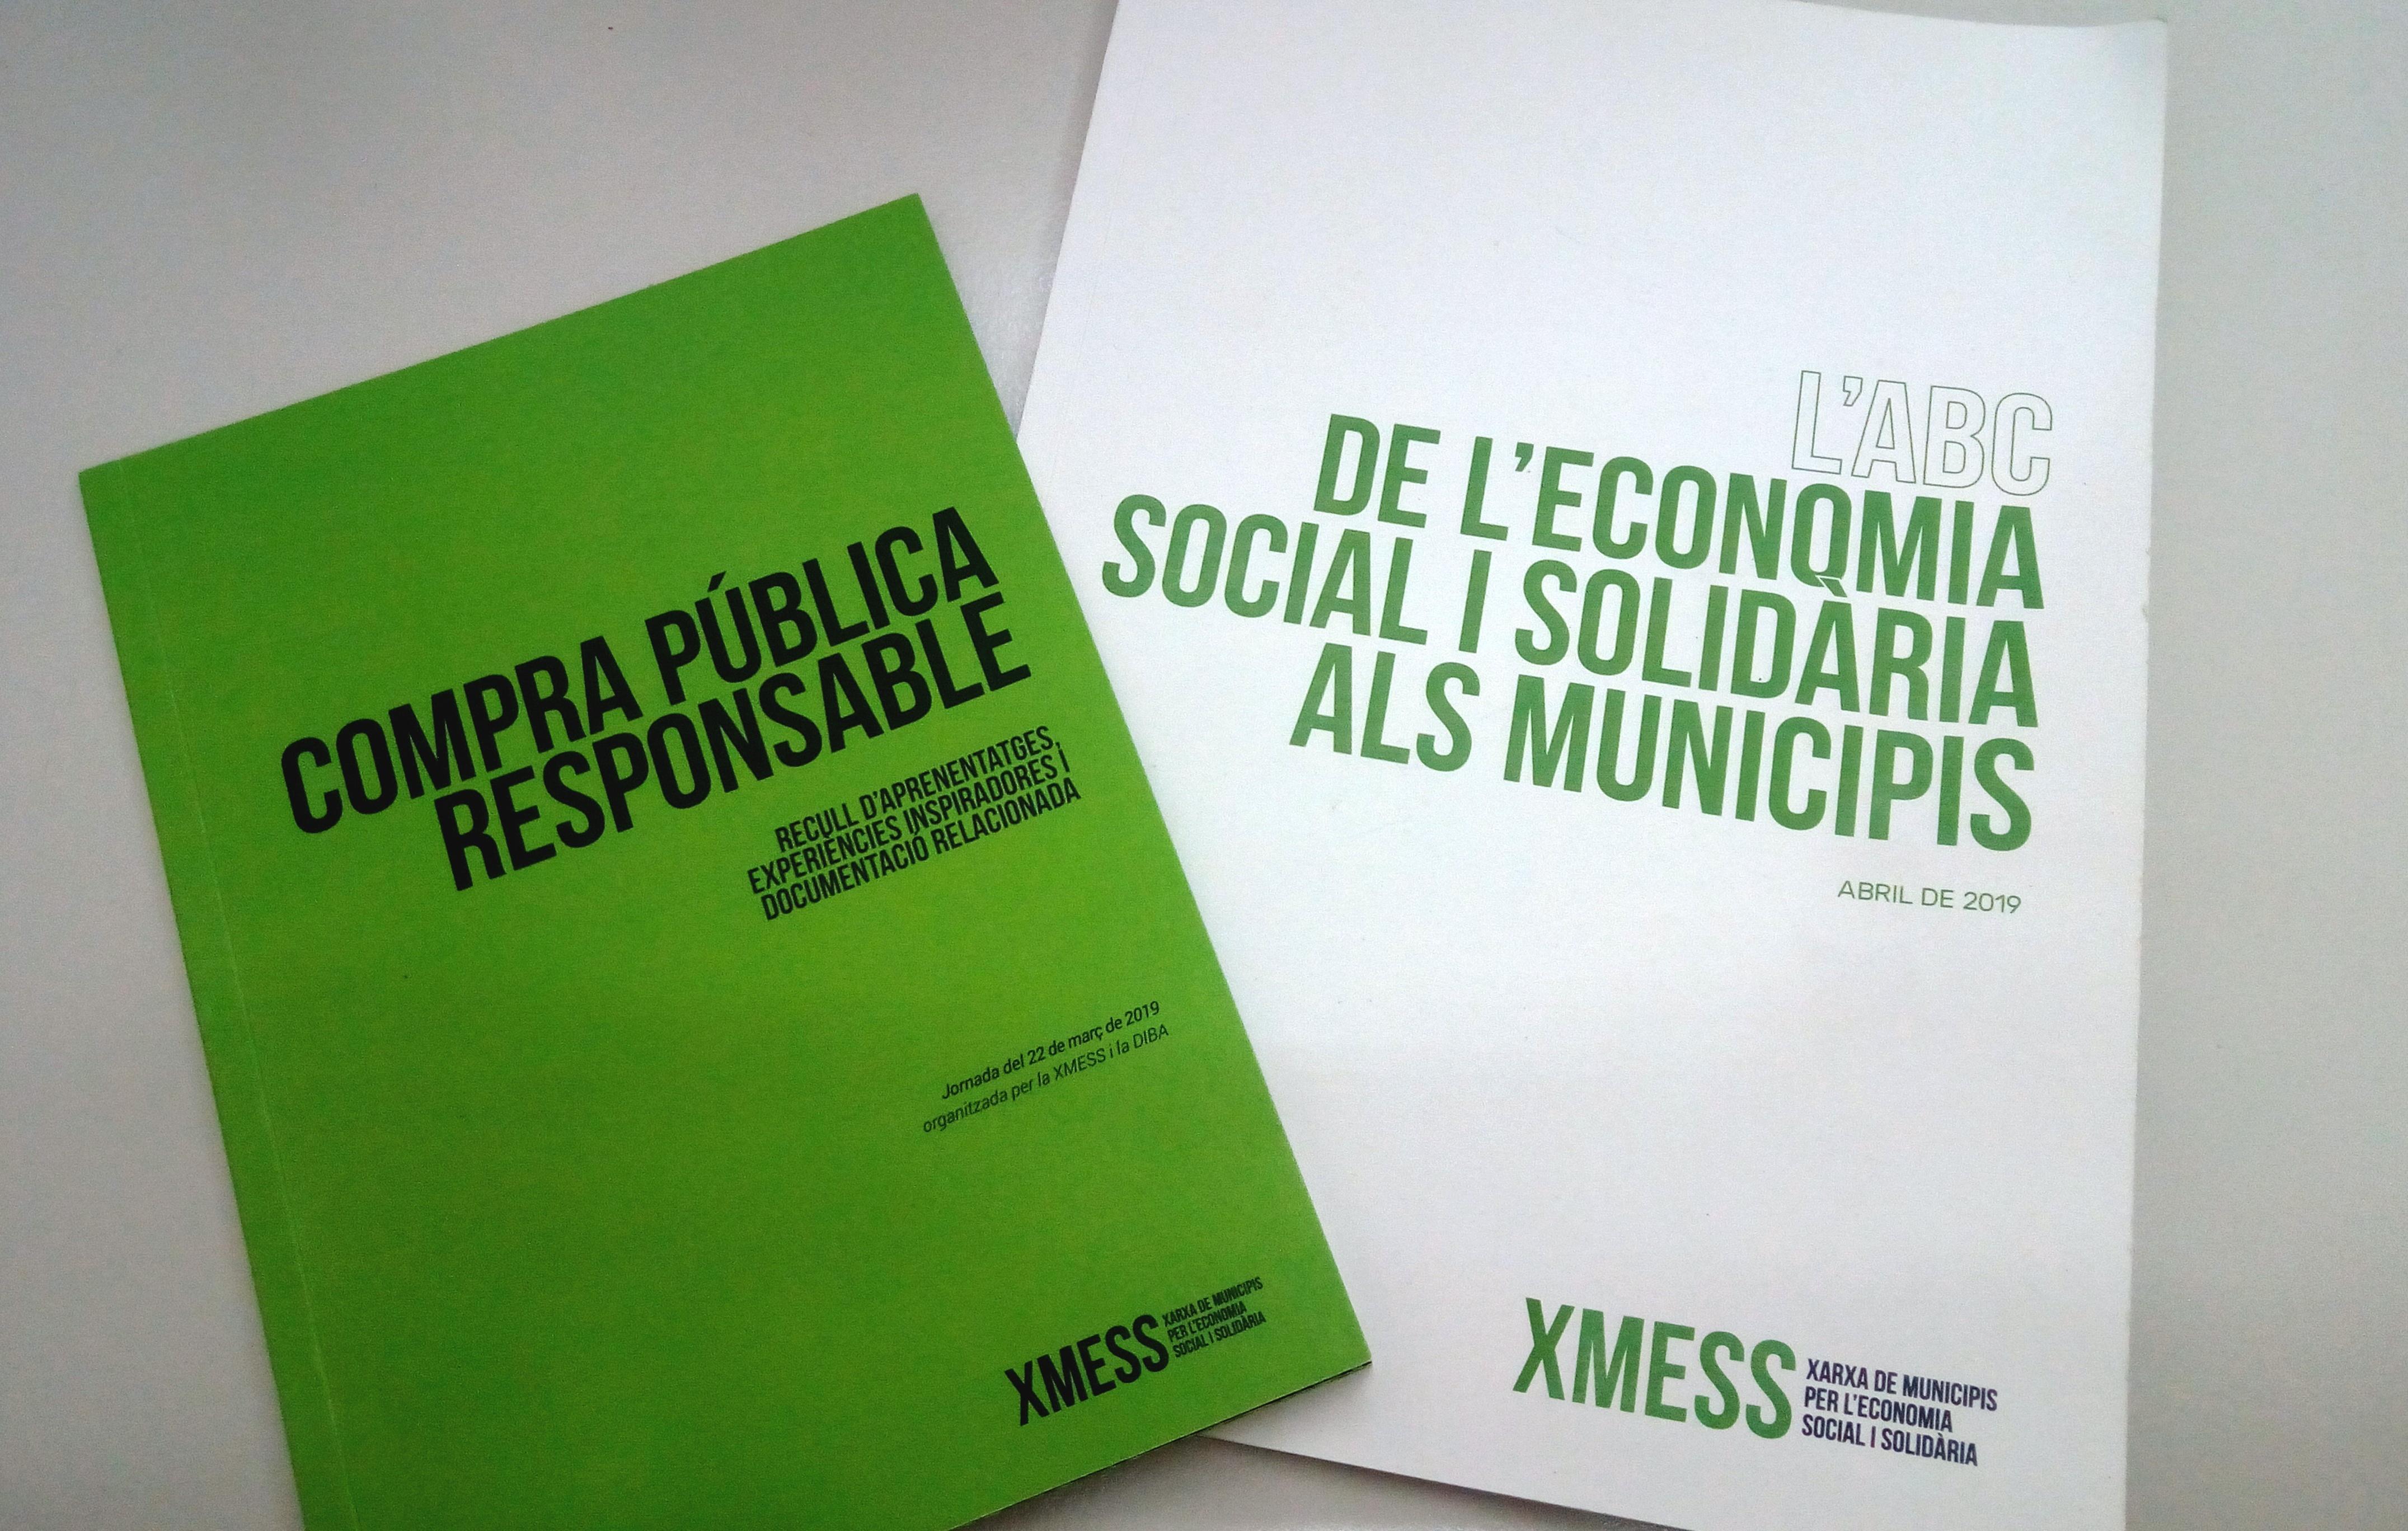 presentació de la Guia L'ABC de l'economia social i solidària als municipis